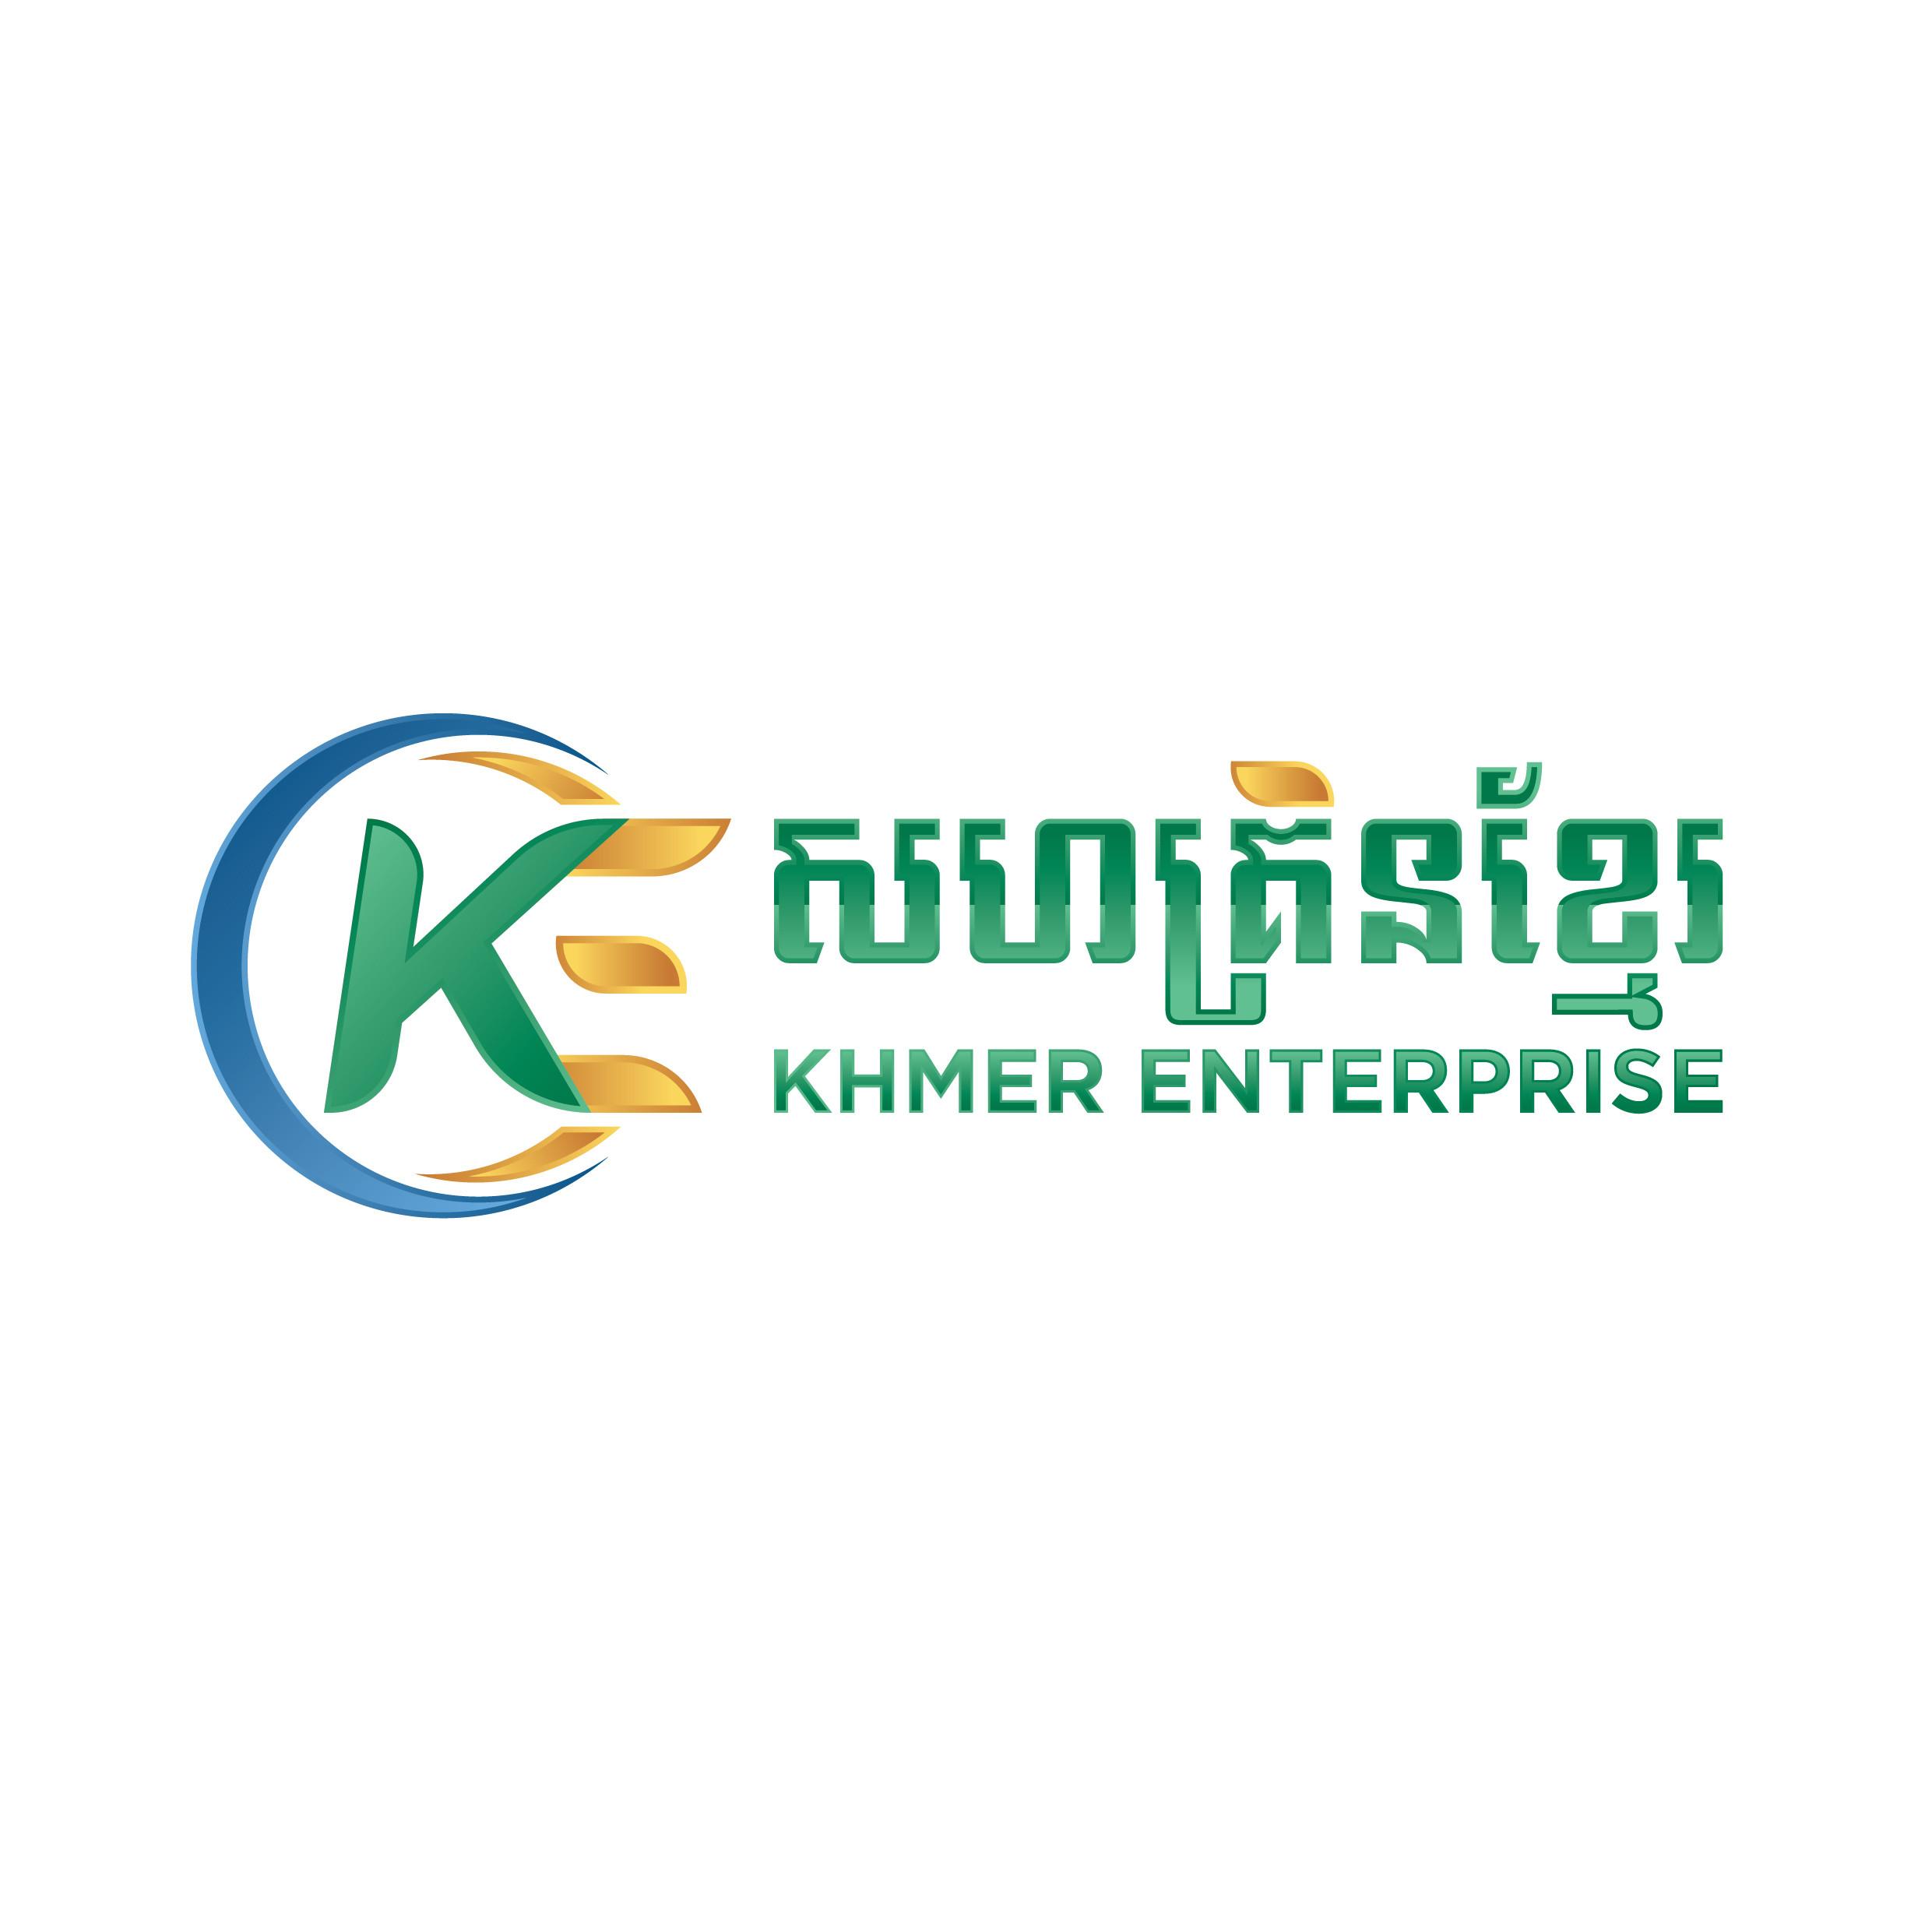 Khmer Enterprise